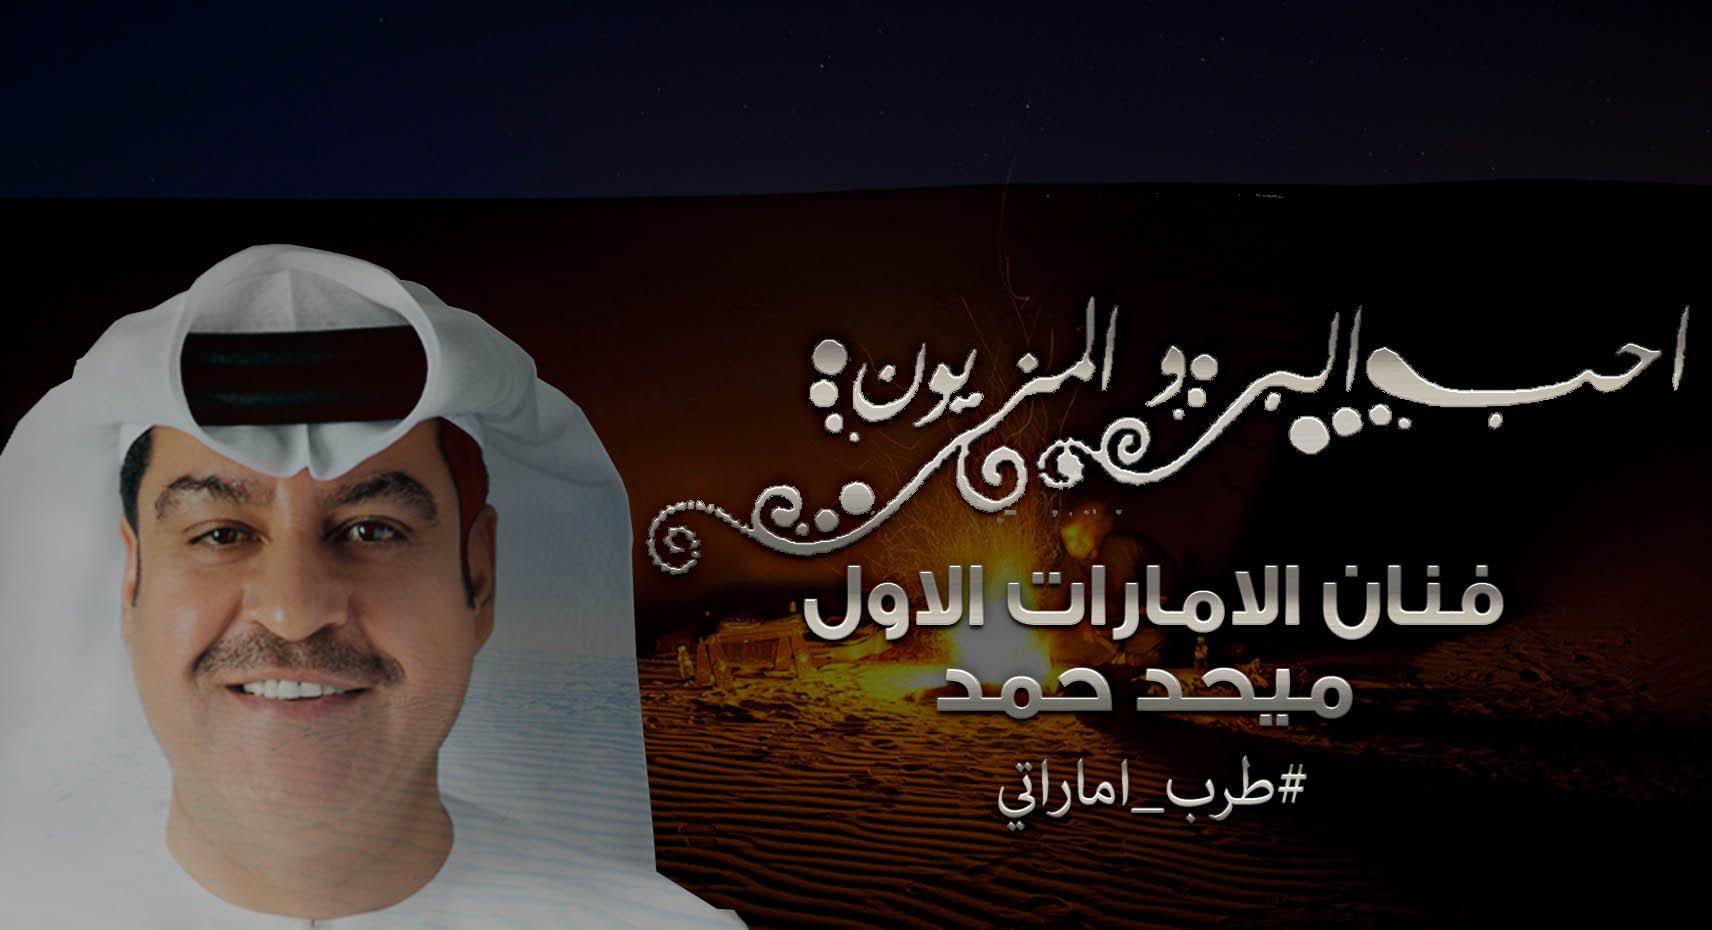 صورة احب البر و المزيون , ميحد حمد من رواد الغناء في الامارات